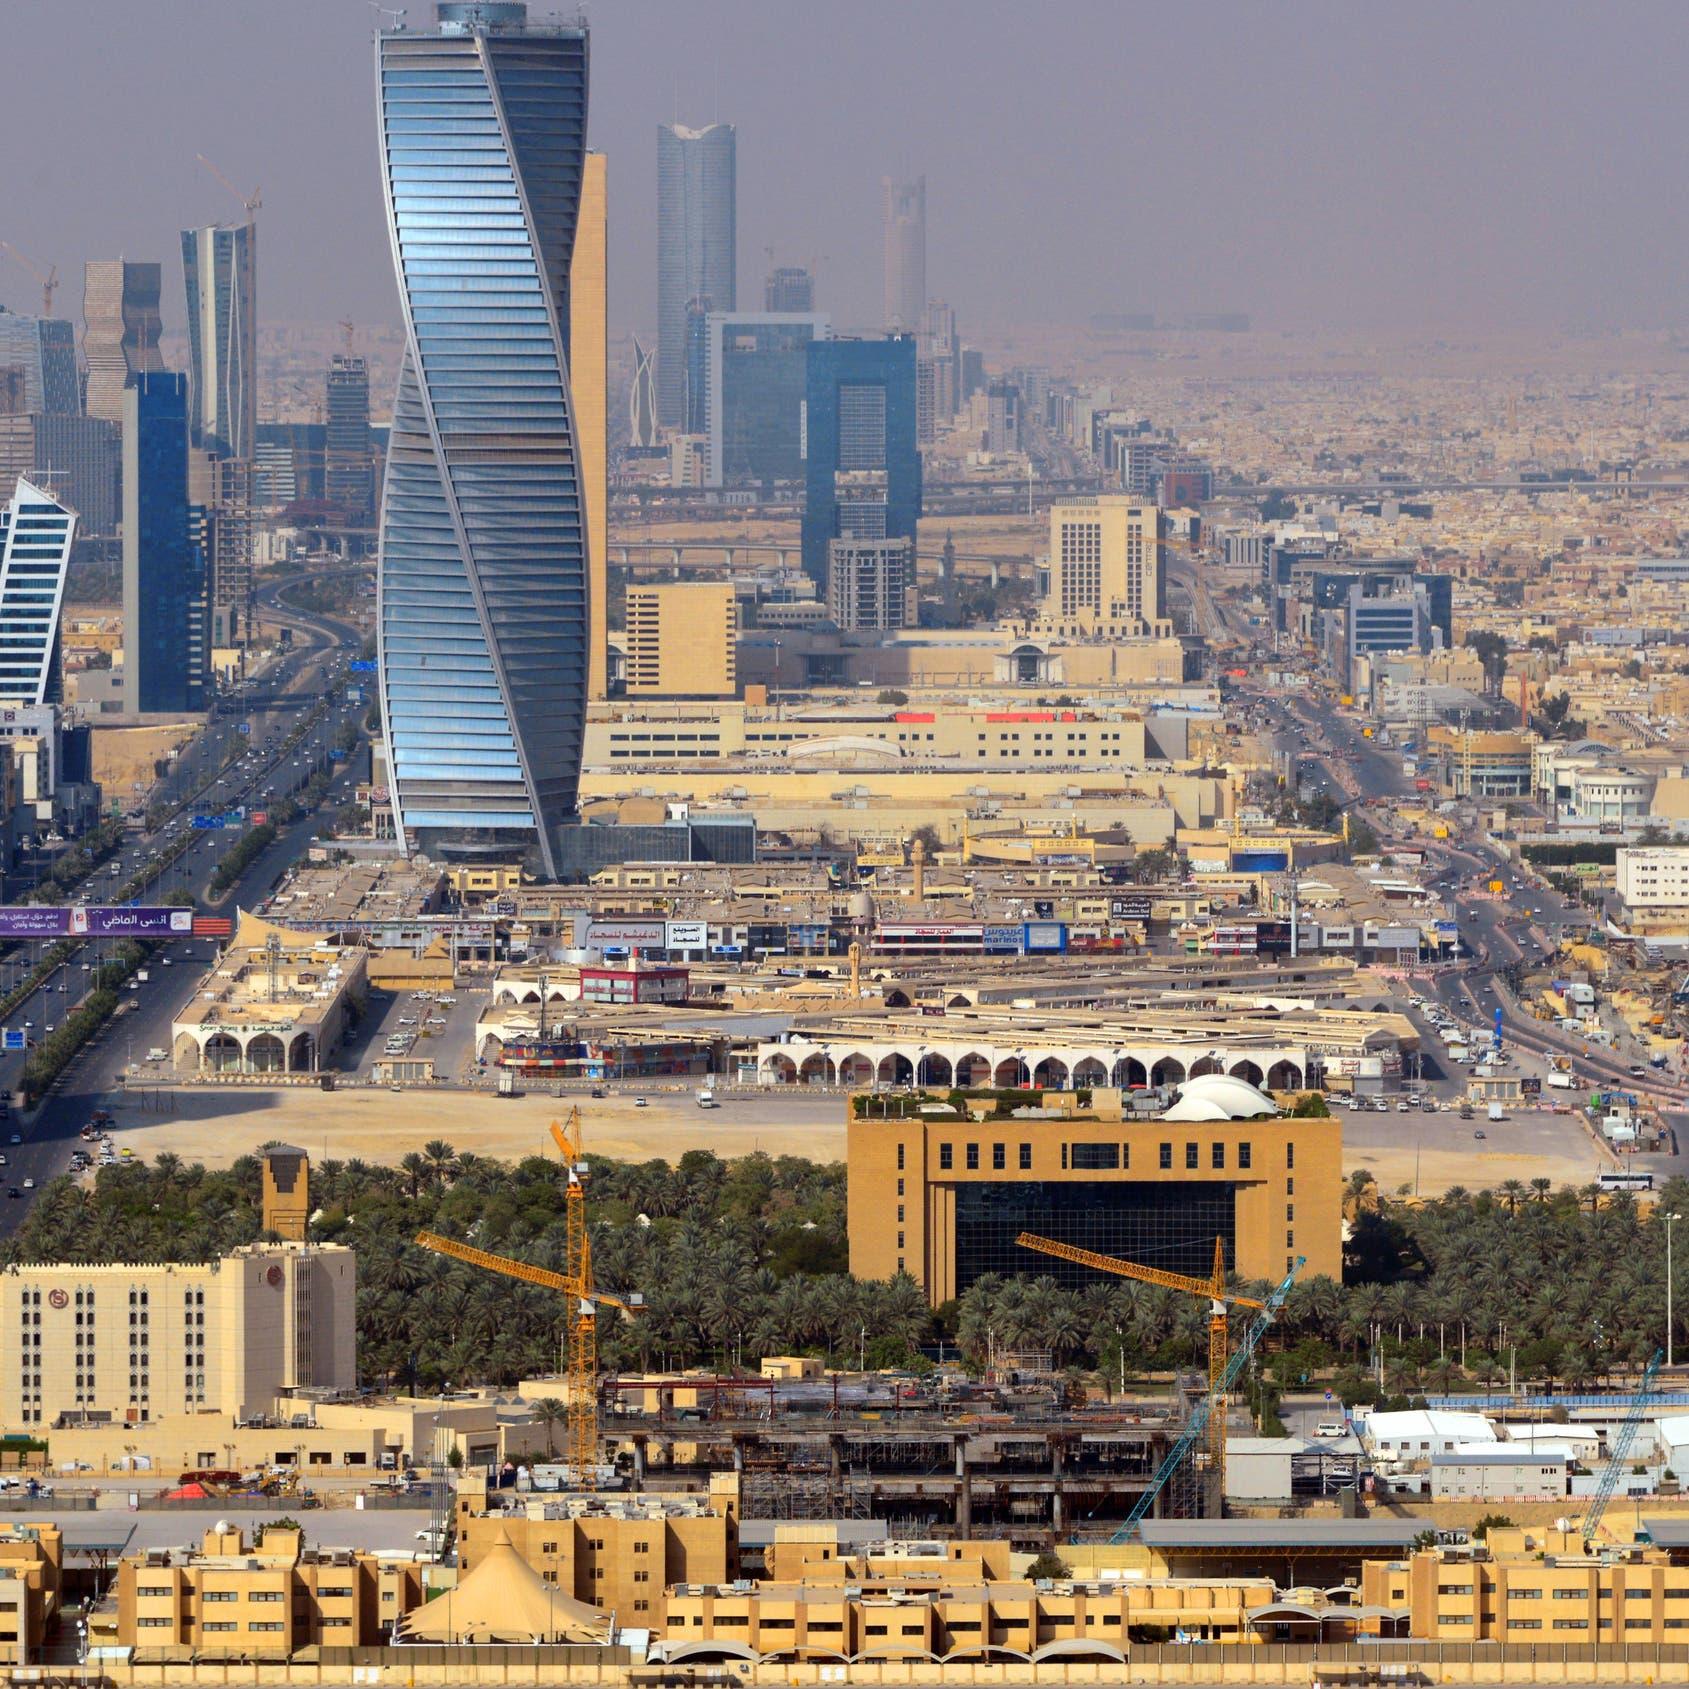 السعودية تتوقع 3.2% نموا اقتصاديا في 2021